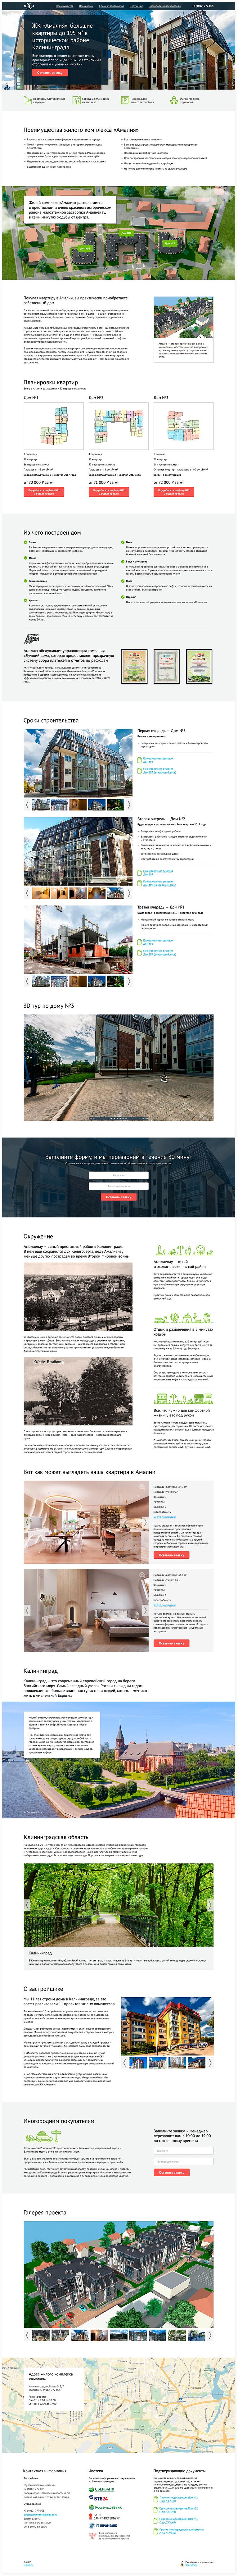 Создание дизайна продающего сайта для ЖК «Амалия»